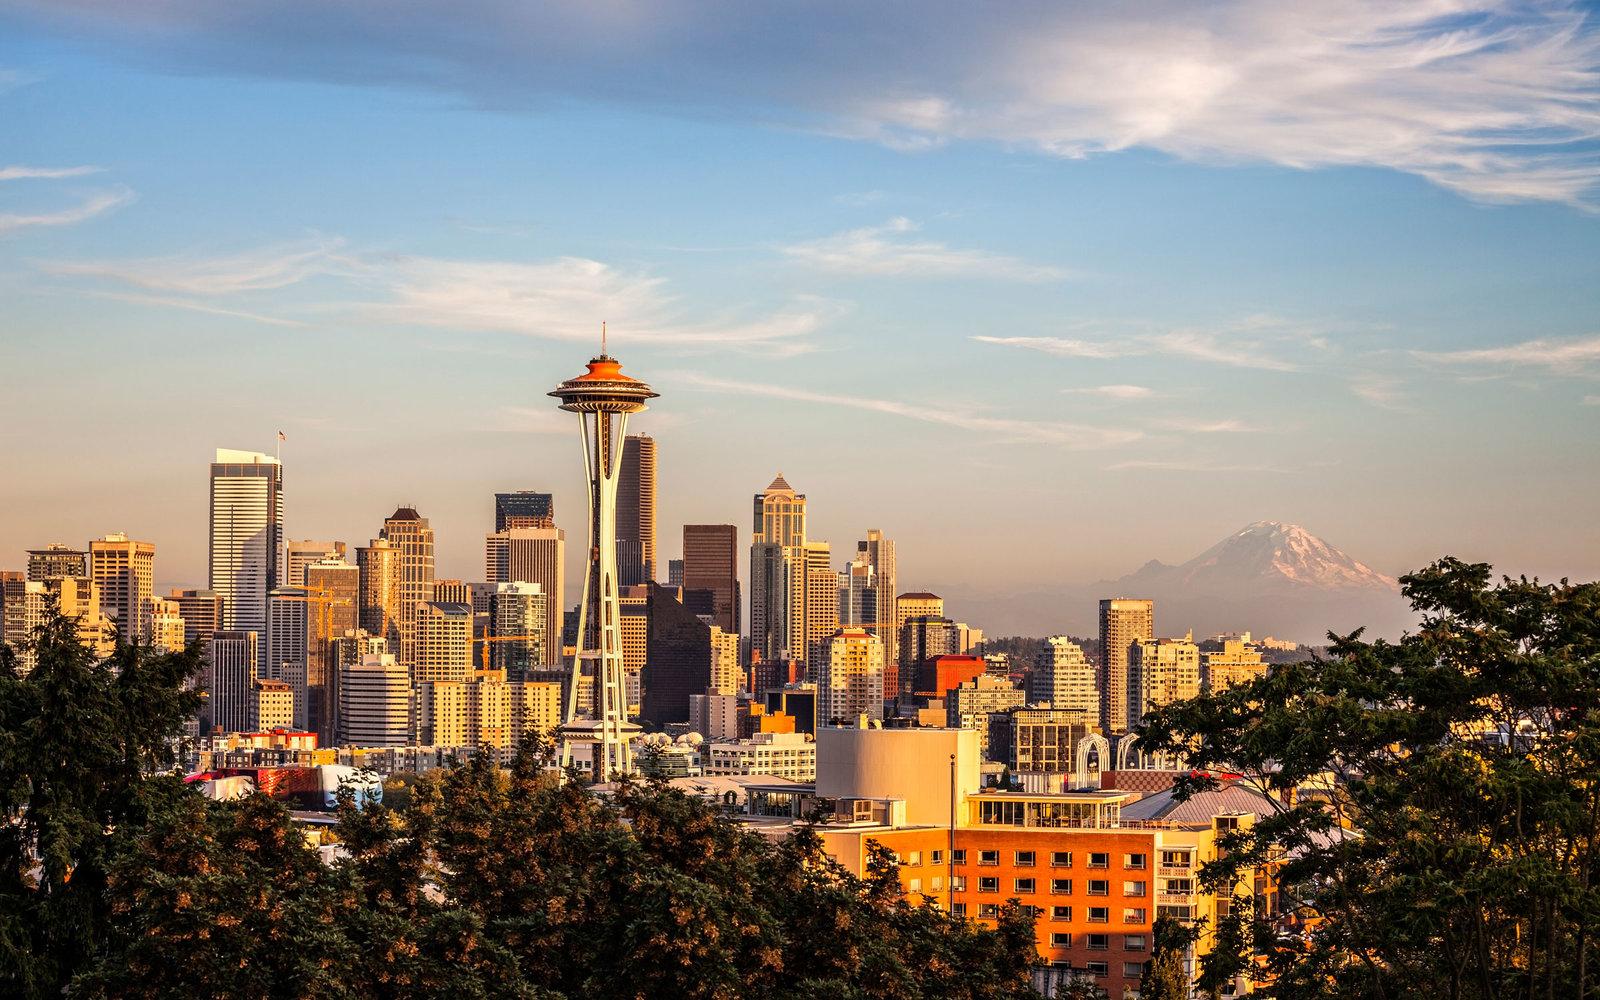 西雅图的工作机会不断增加,新人口持续涌入,使得房价有机会持续攀高,值得投资